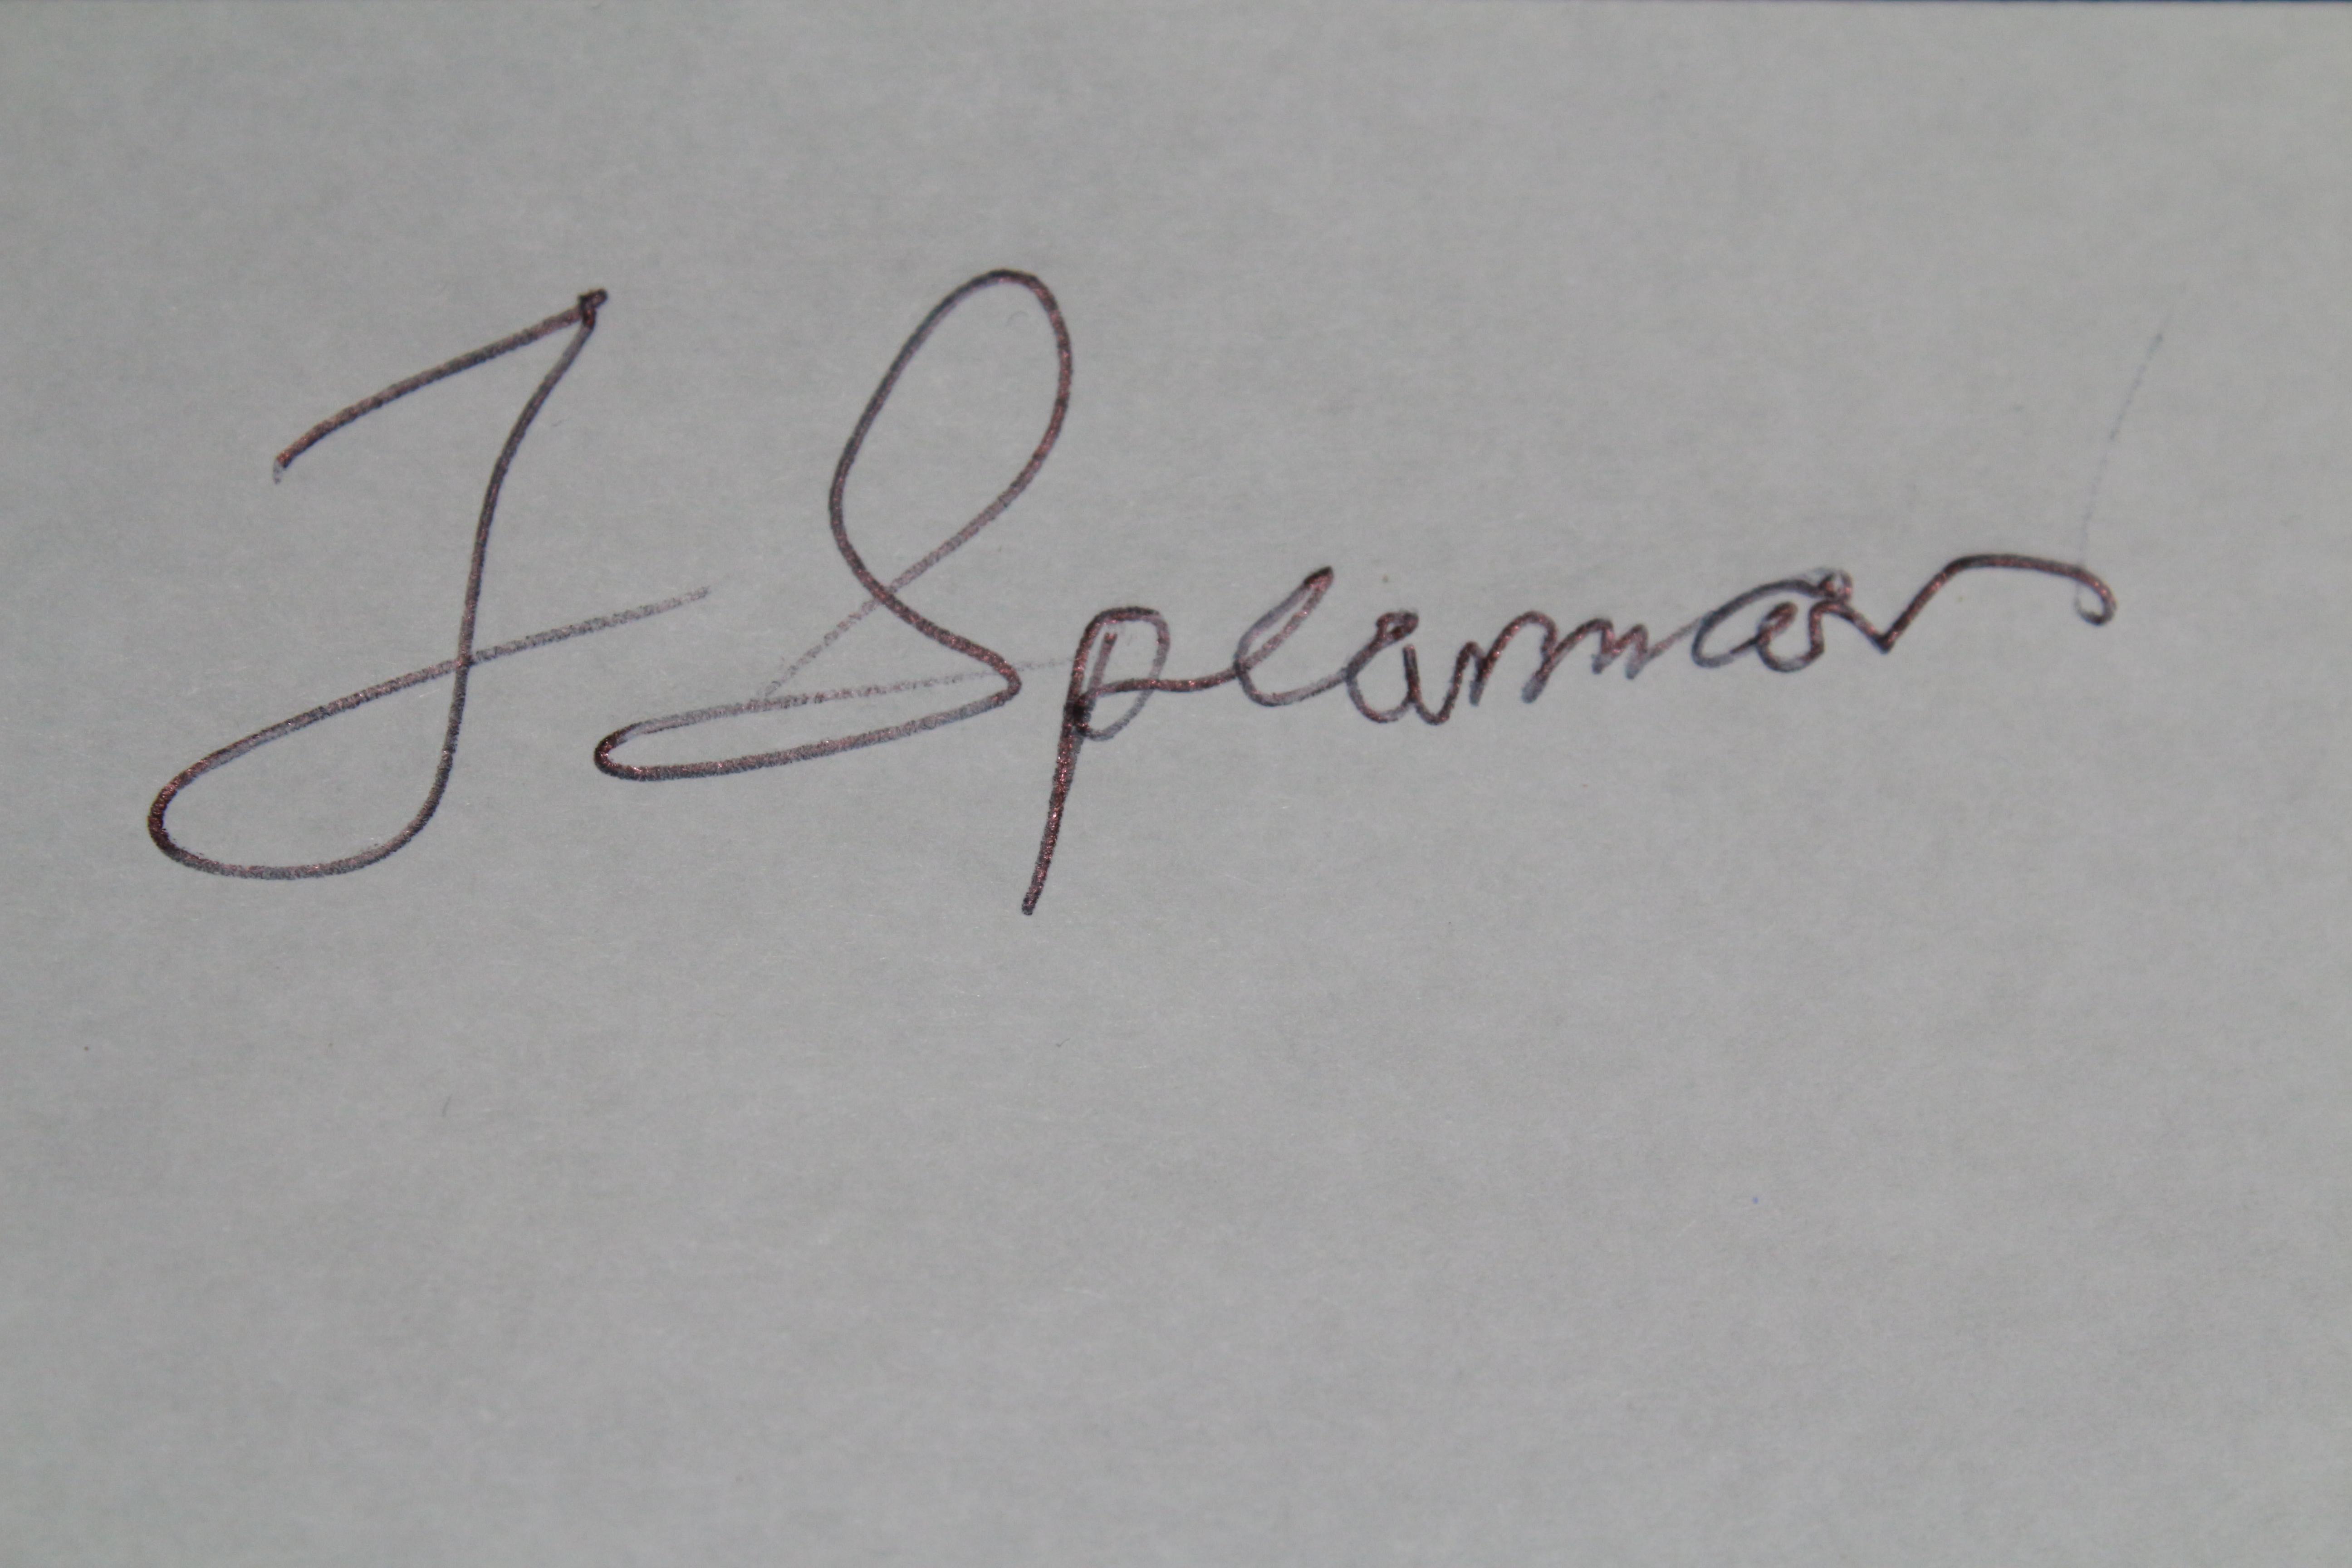 apollospear's Signature